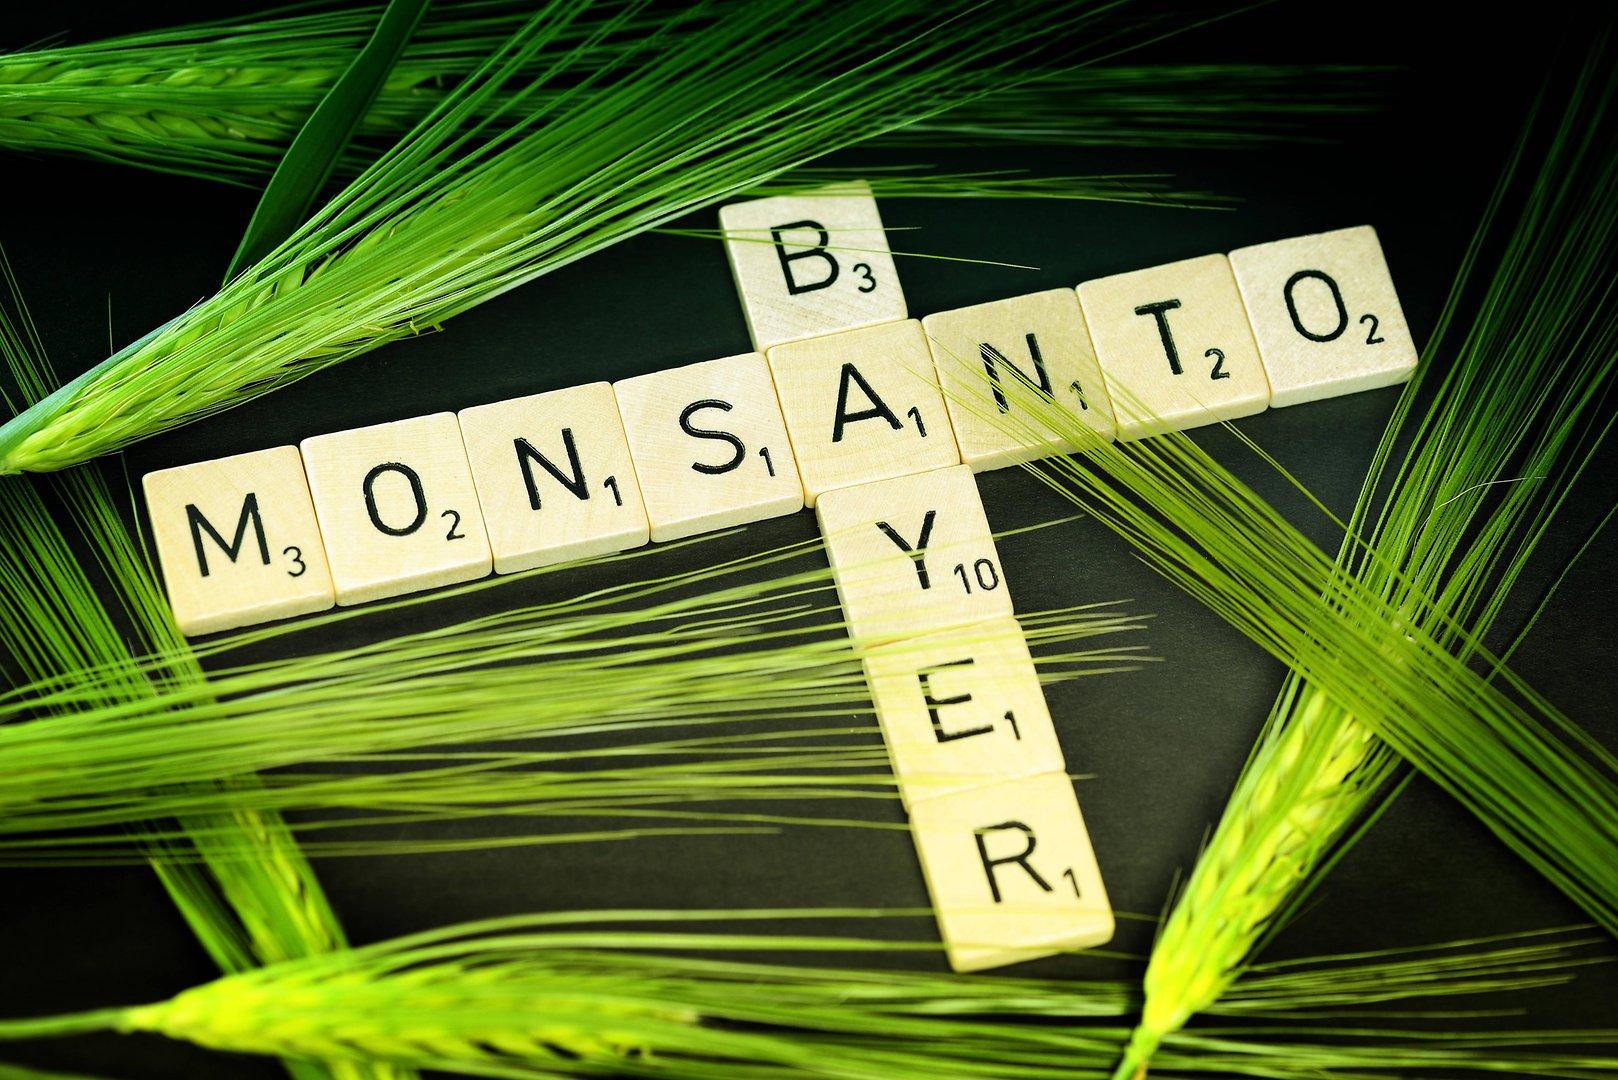 La UE benedice la fusione Bayer-Monsanto e spunta una riunione segreta...